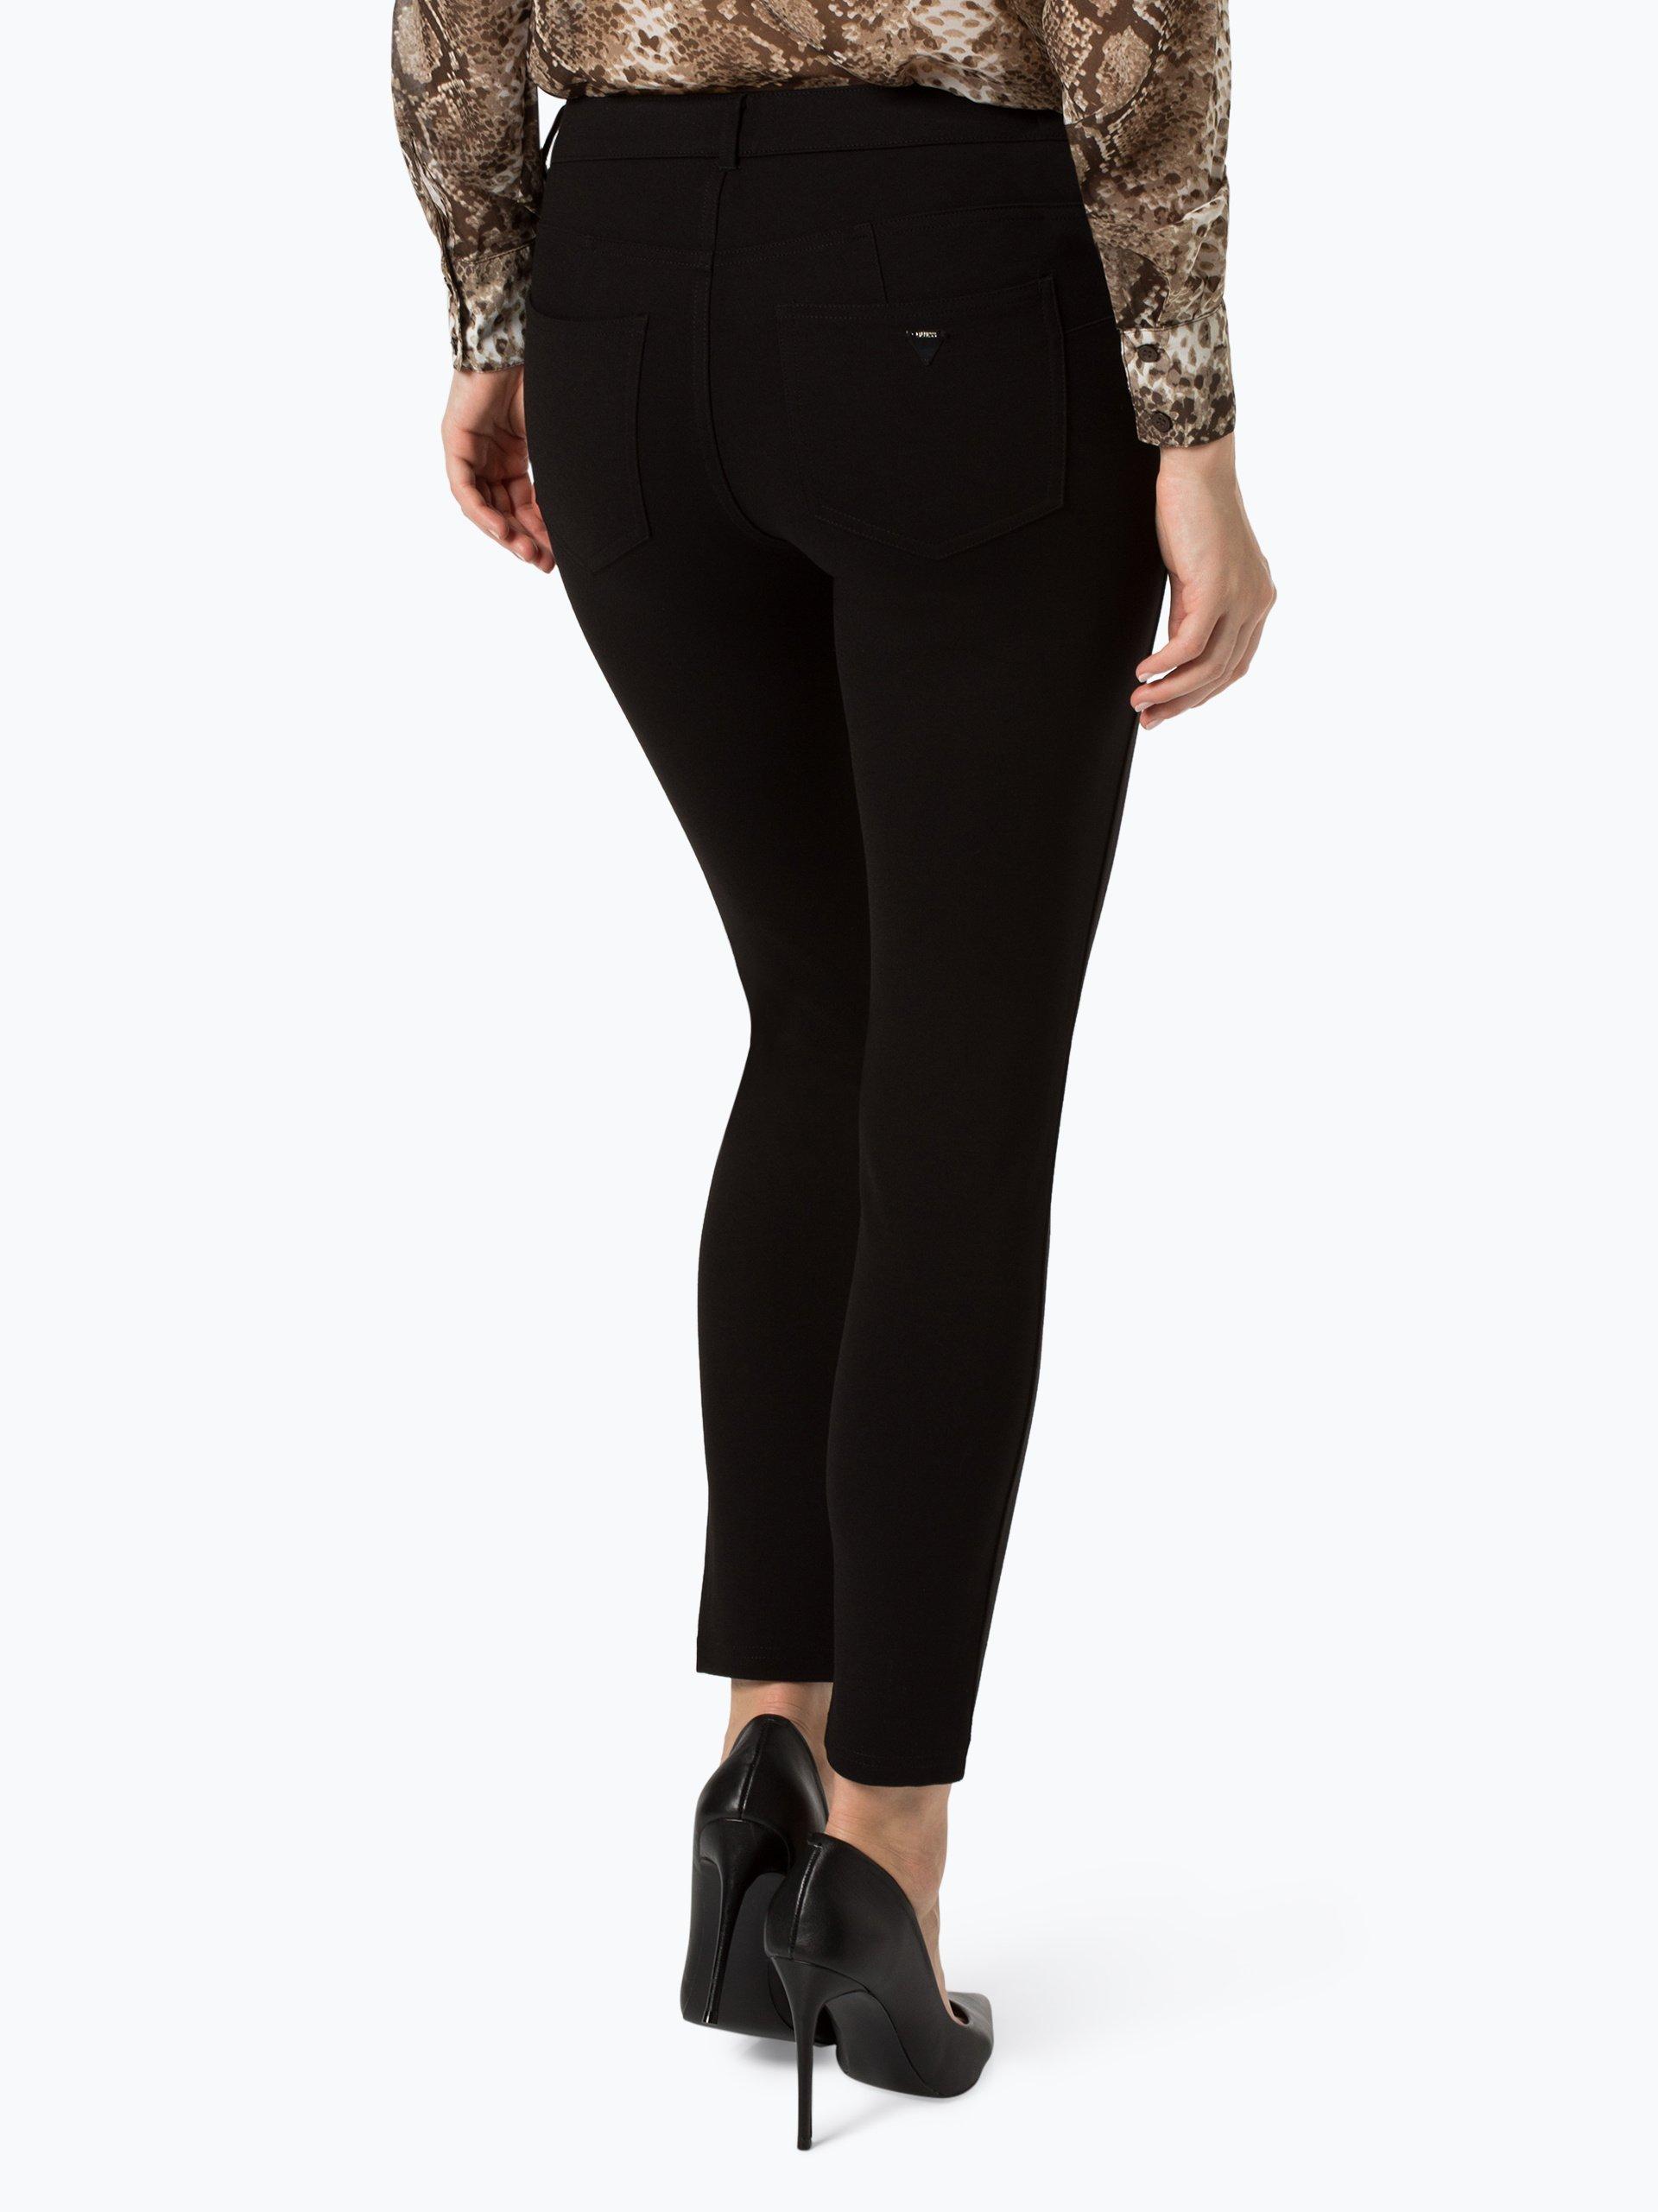 Guess Jeans Damen Hose